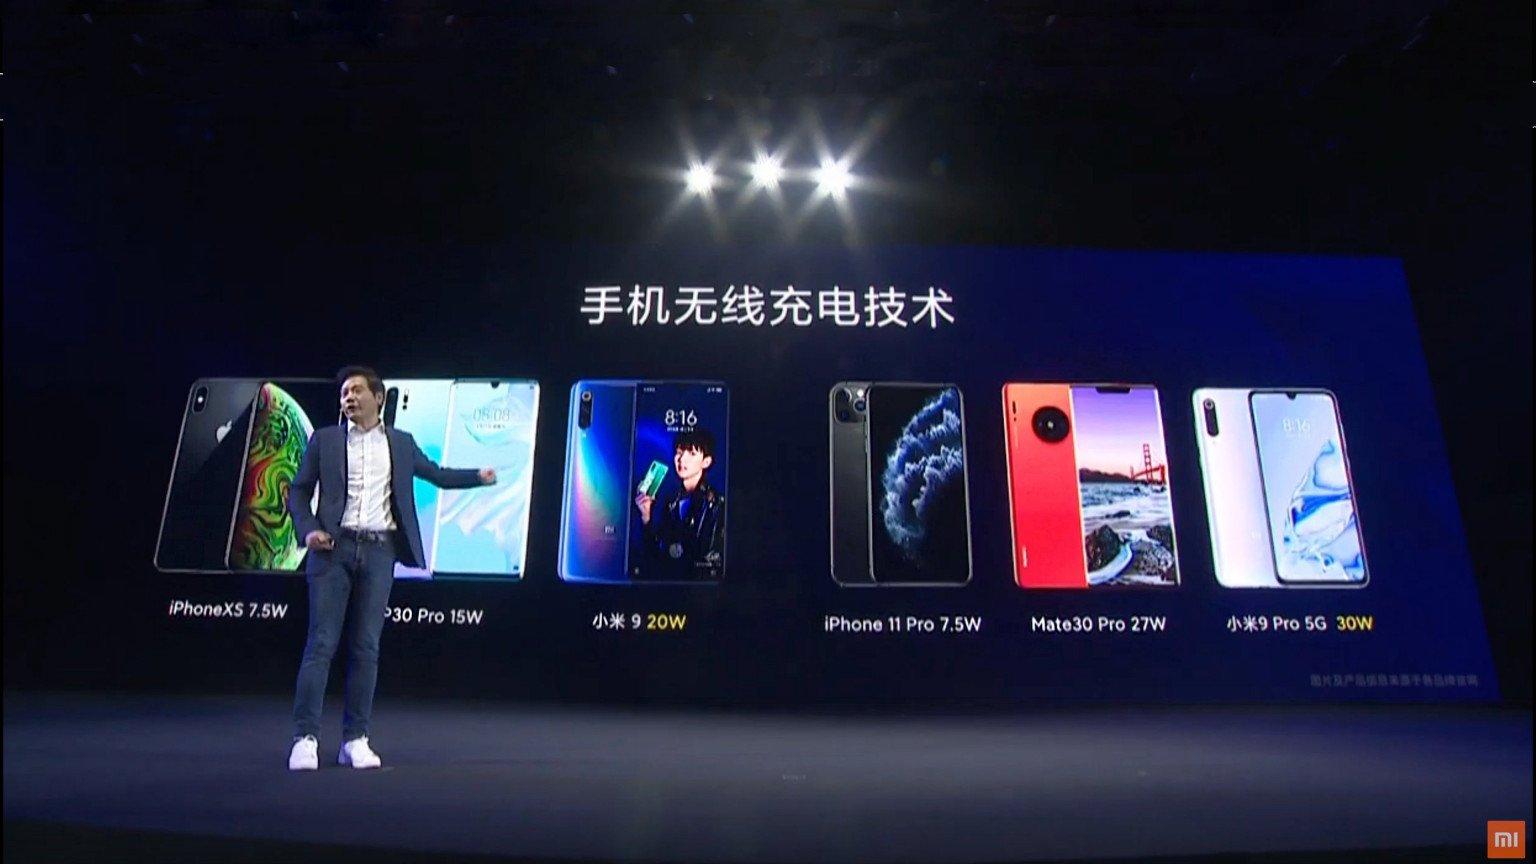 Hořké představení Xiaomi 9 Pro, záznam z představení odebrán z Youtube